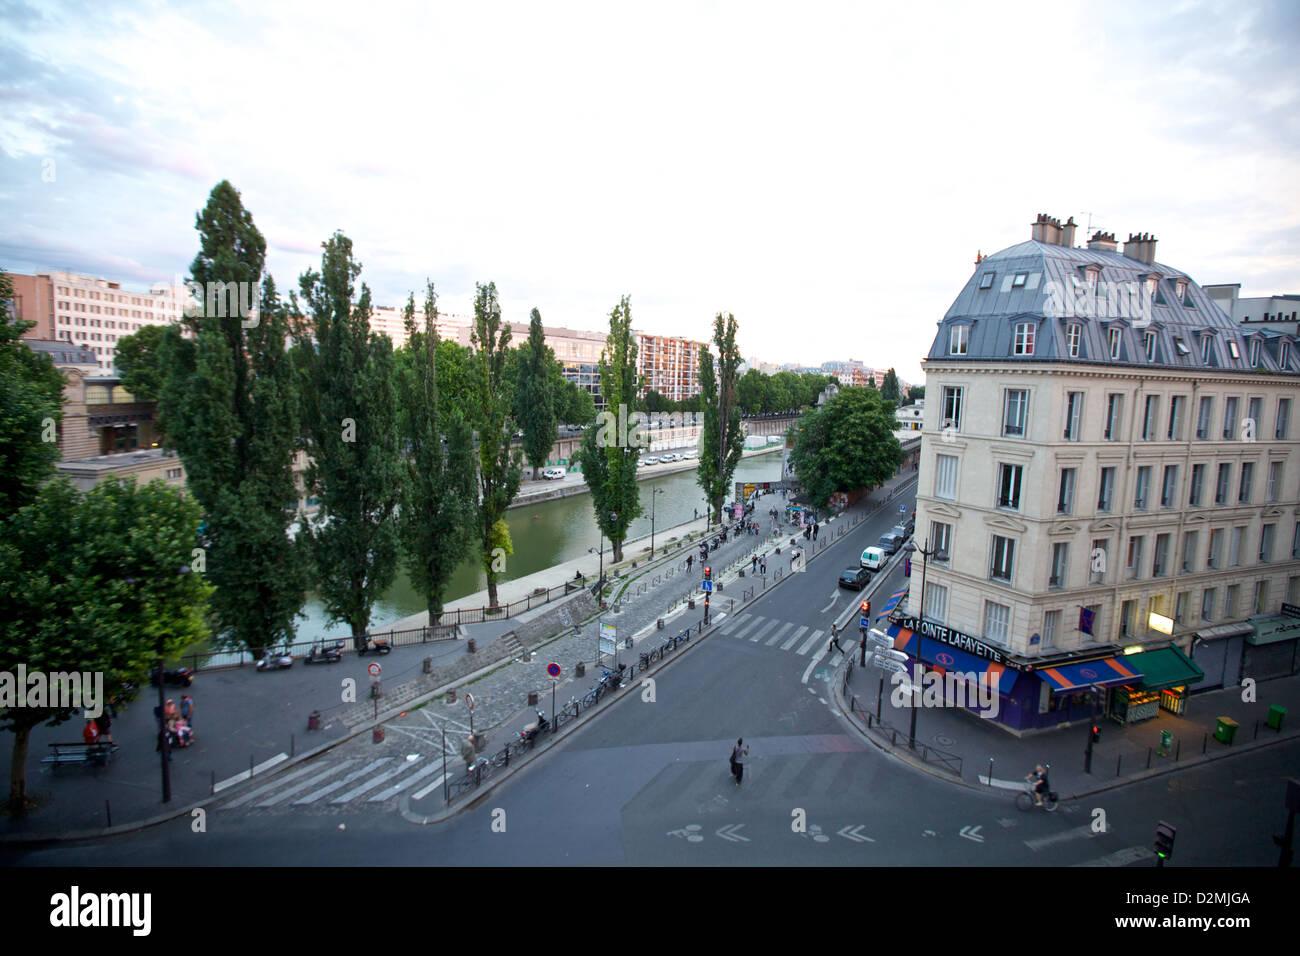 Une vue sur le Canal Saint Martin à Paris, France Banque D'Images